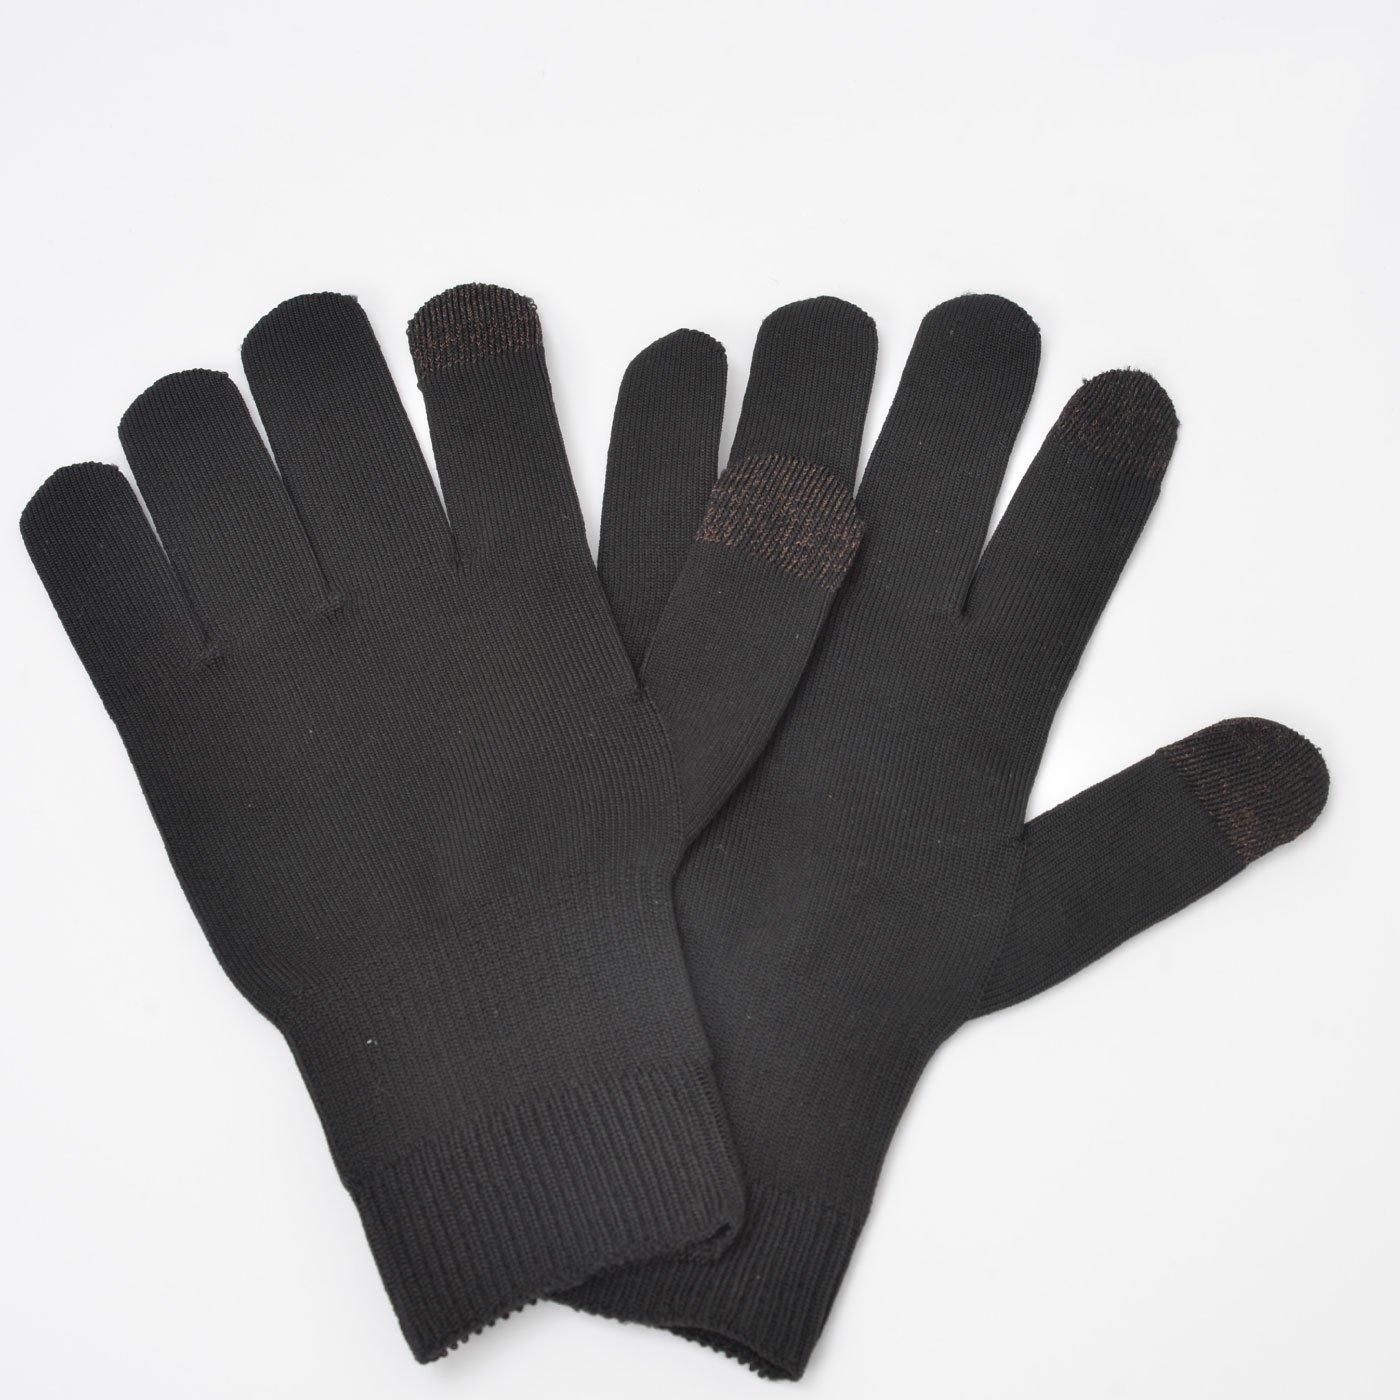 断熱繊維で薄くても暖か スマホ操作らくらく手袋